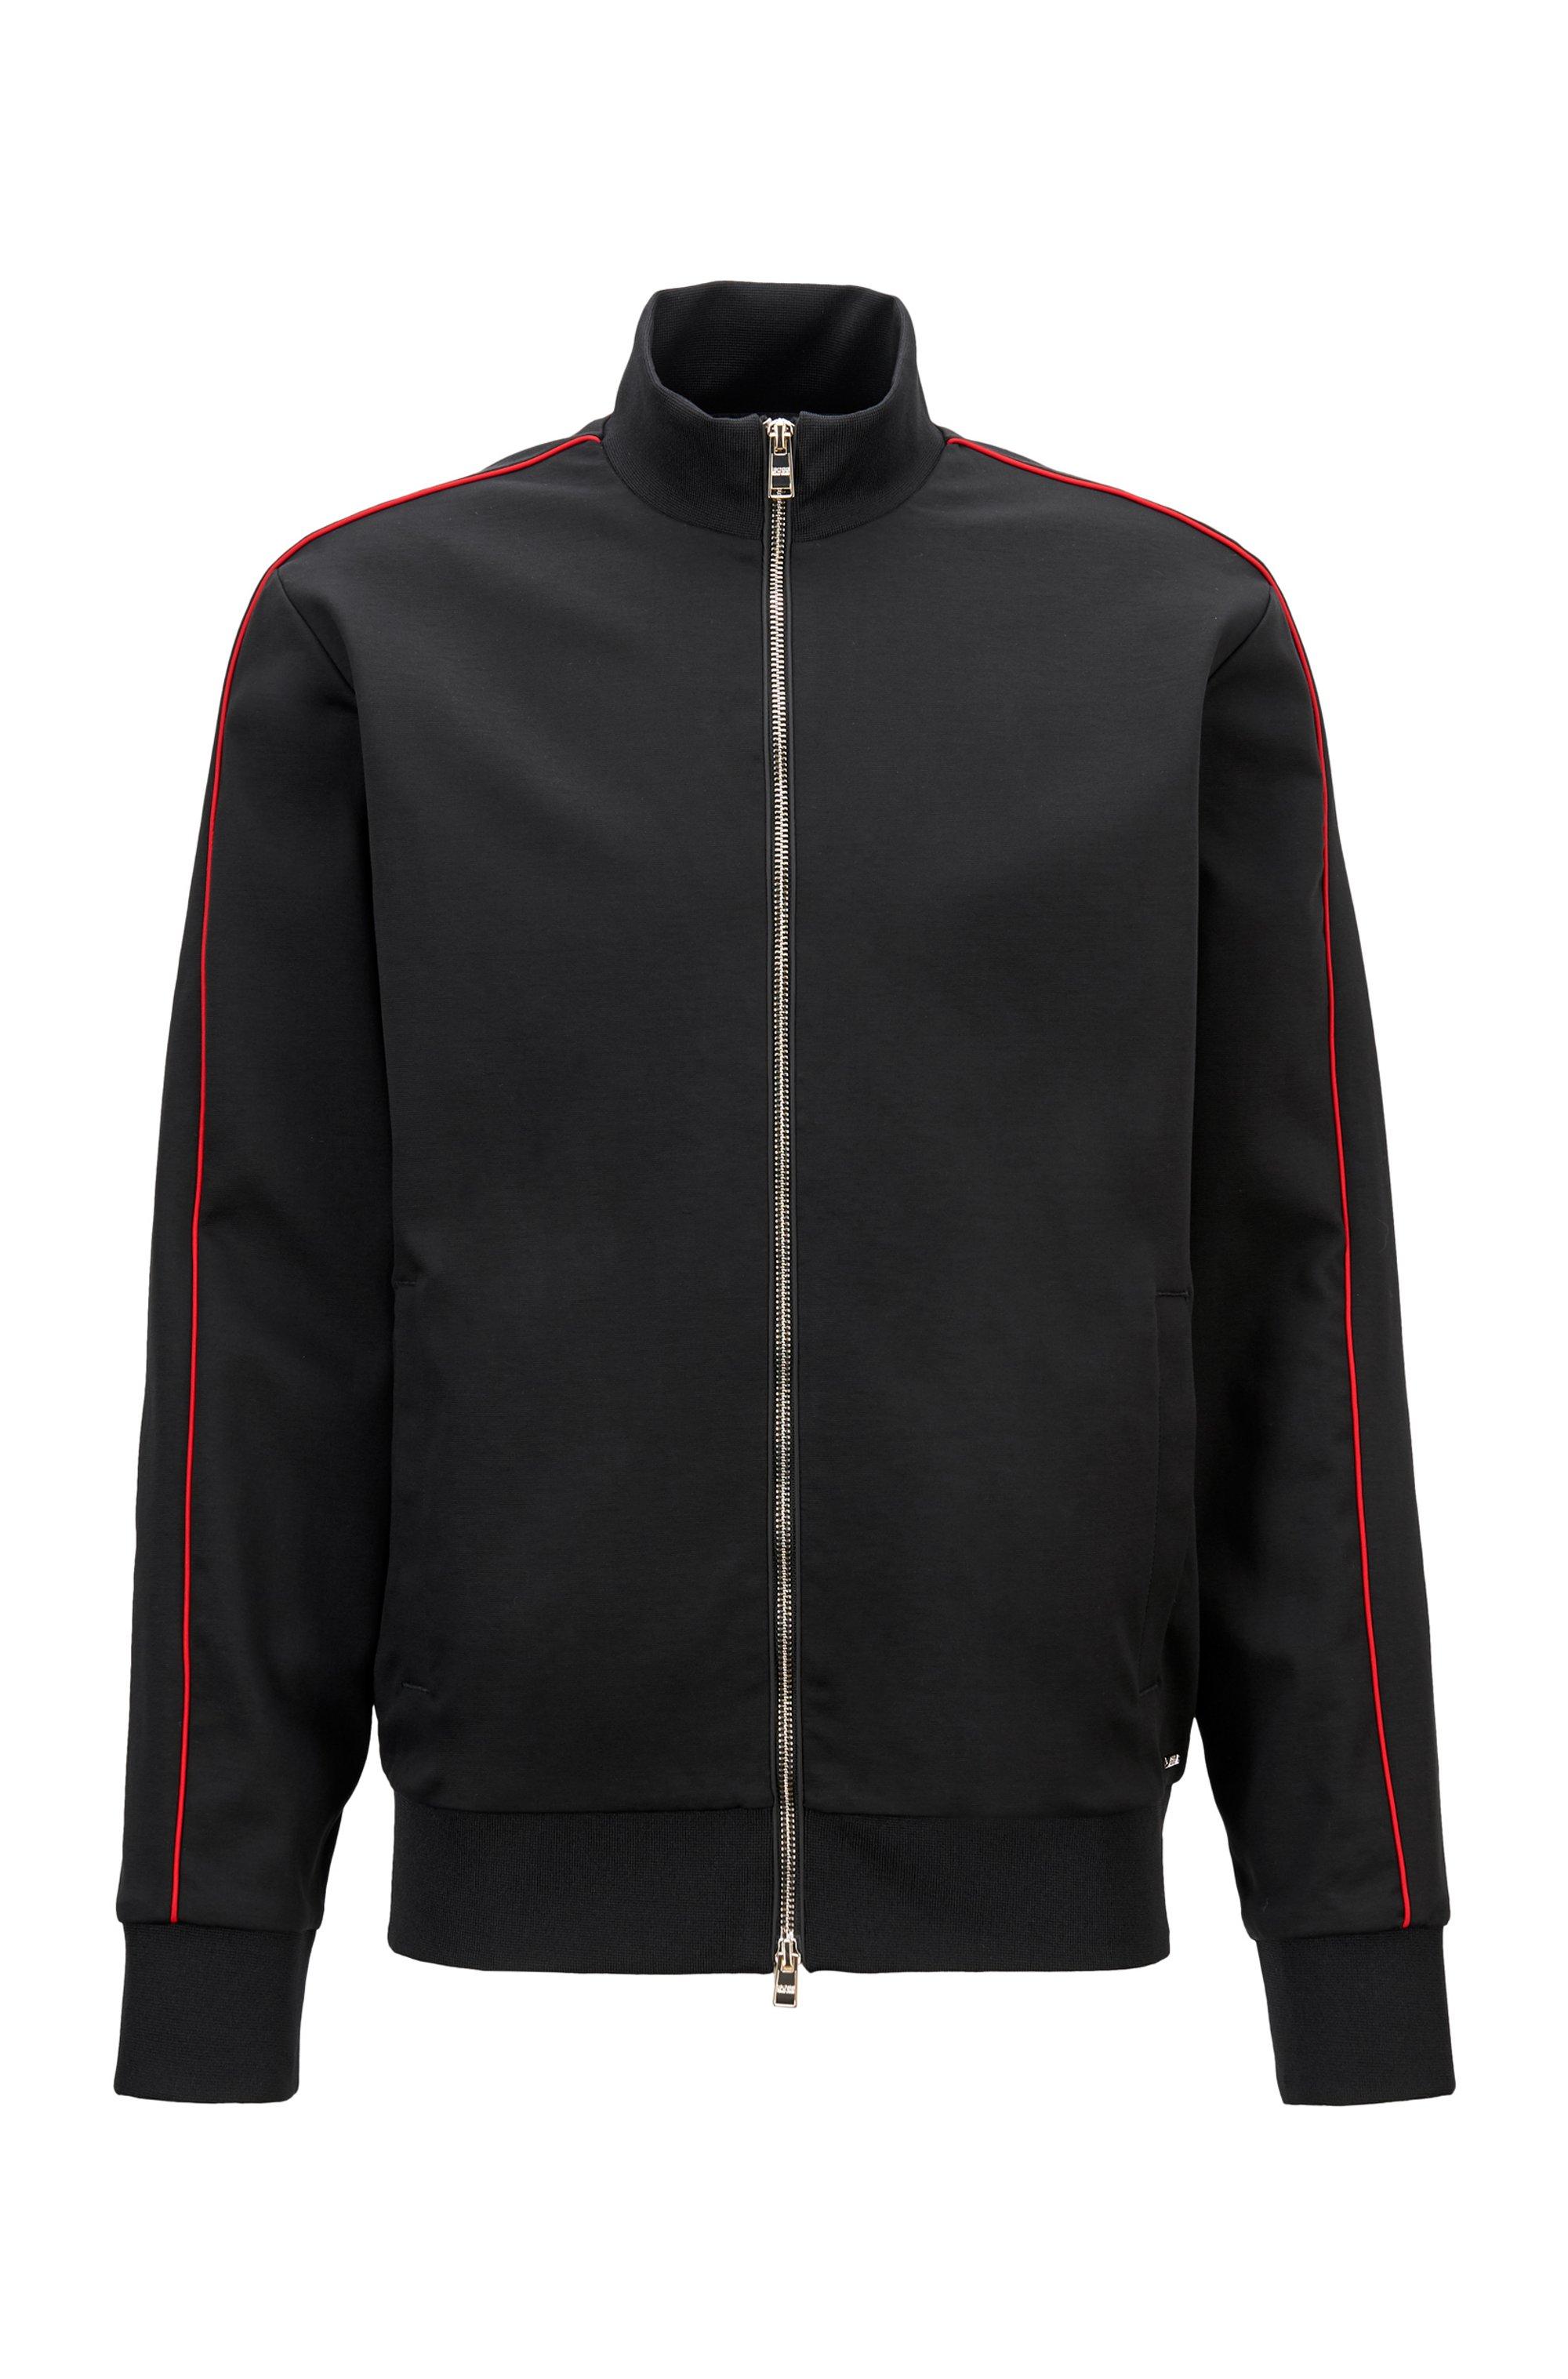 Sweat zippé en coton mélangé avec passepoil rouge, Noir